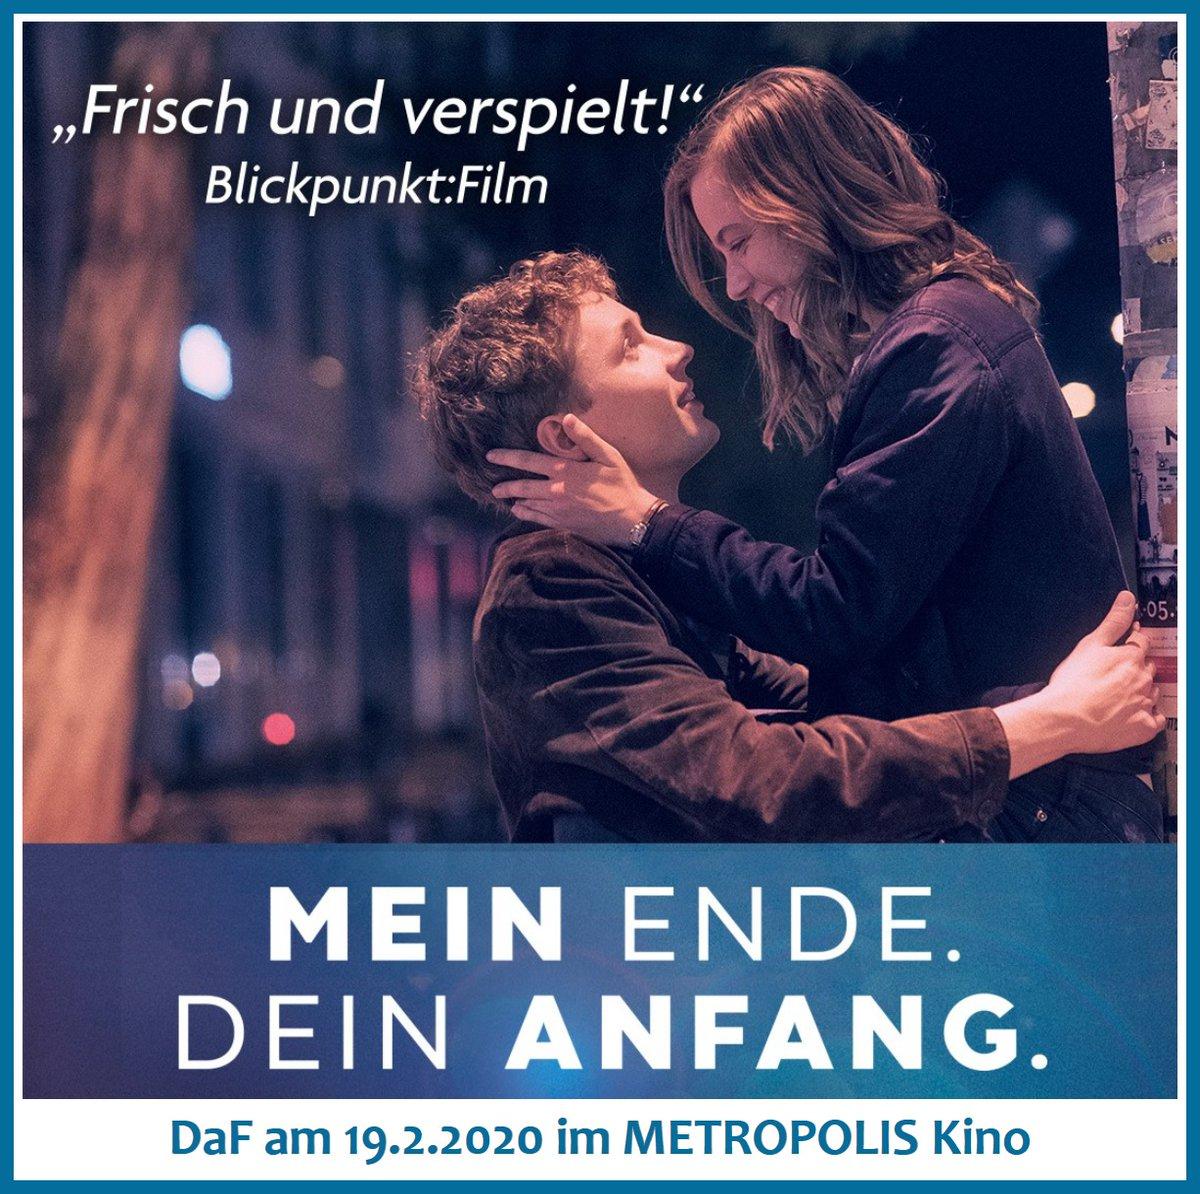 Am 19.2.2020 (19:00) bei #DaF im Metropolis Kino Hamburg: MEIN ENDE. DEIN ANFANG.  Am 15.12. war die Regisseurin Mariko Minoguchi zu Gast bei Deutsches Filminstitut und Filmmuseum https://www.facebook.com/ColonFilmTeam/posts/3907874695893187…  #MeinEndeDeinAnfang #DeutscherFilm pic.twitter.com/y09i3KuARm